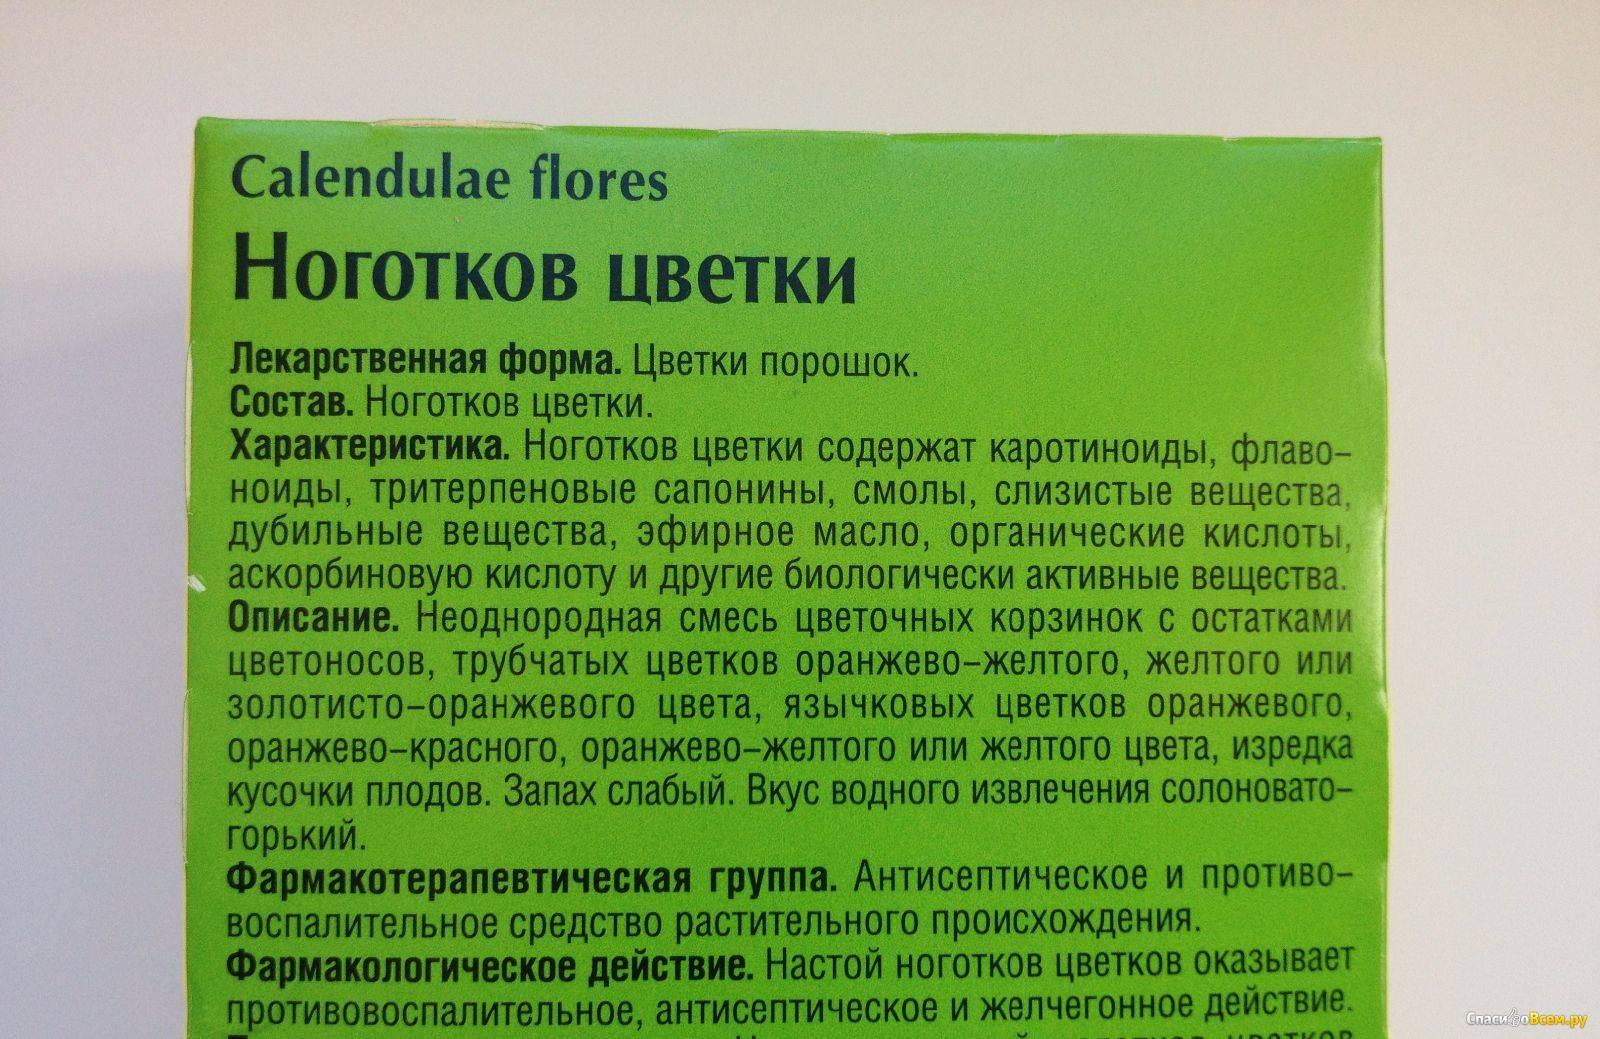 Календула - лечебные свойства и противопоказания, применение